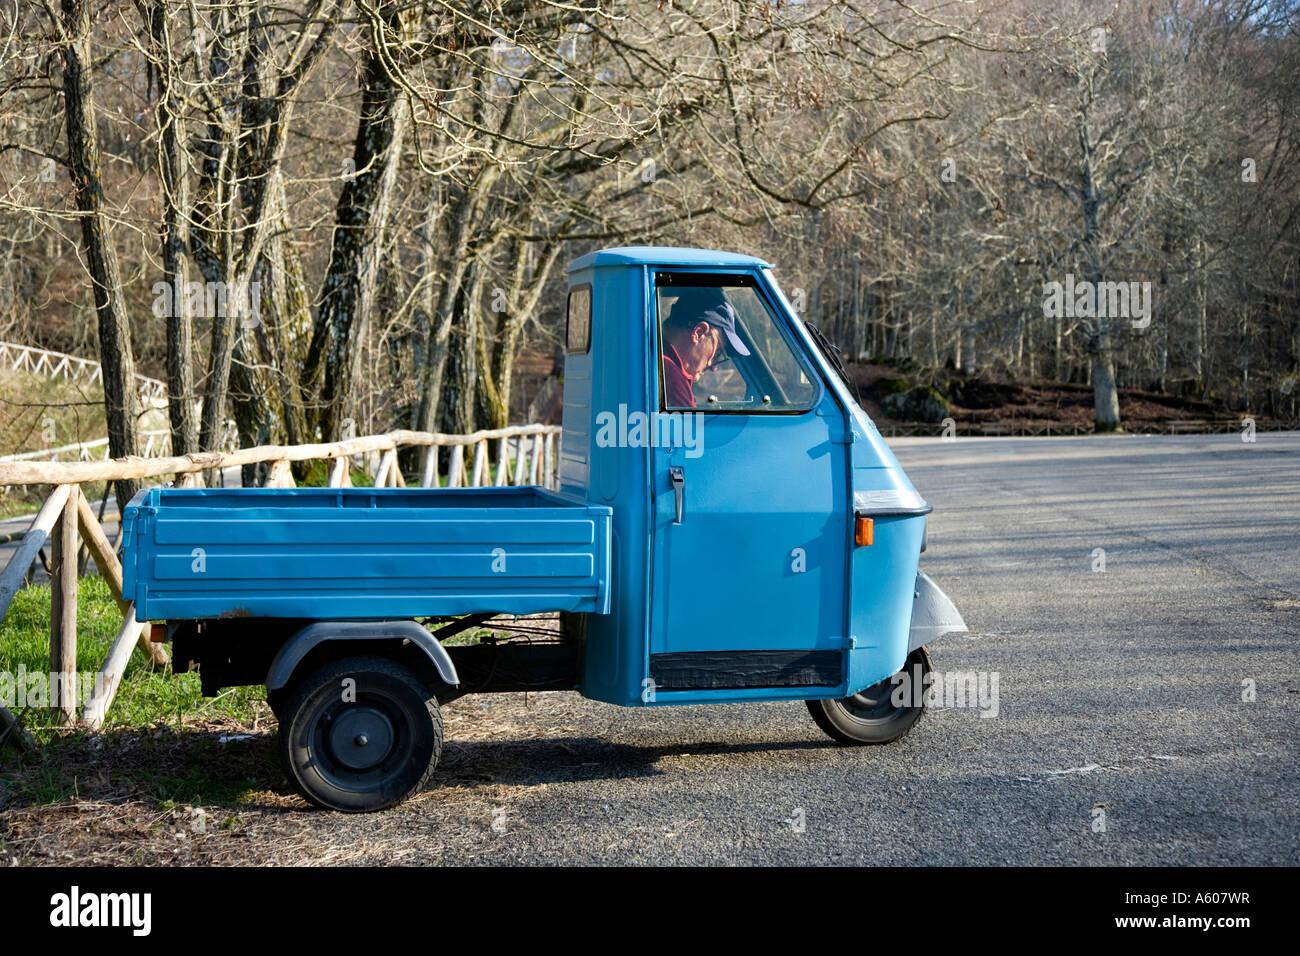 homme l 39 int rieur d 39 un 3 roues piaggio ape petite camionnette italienne banque d 39 images photo. Black Bedroom Furniture Sets. Home Design Ideas